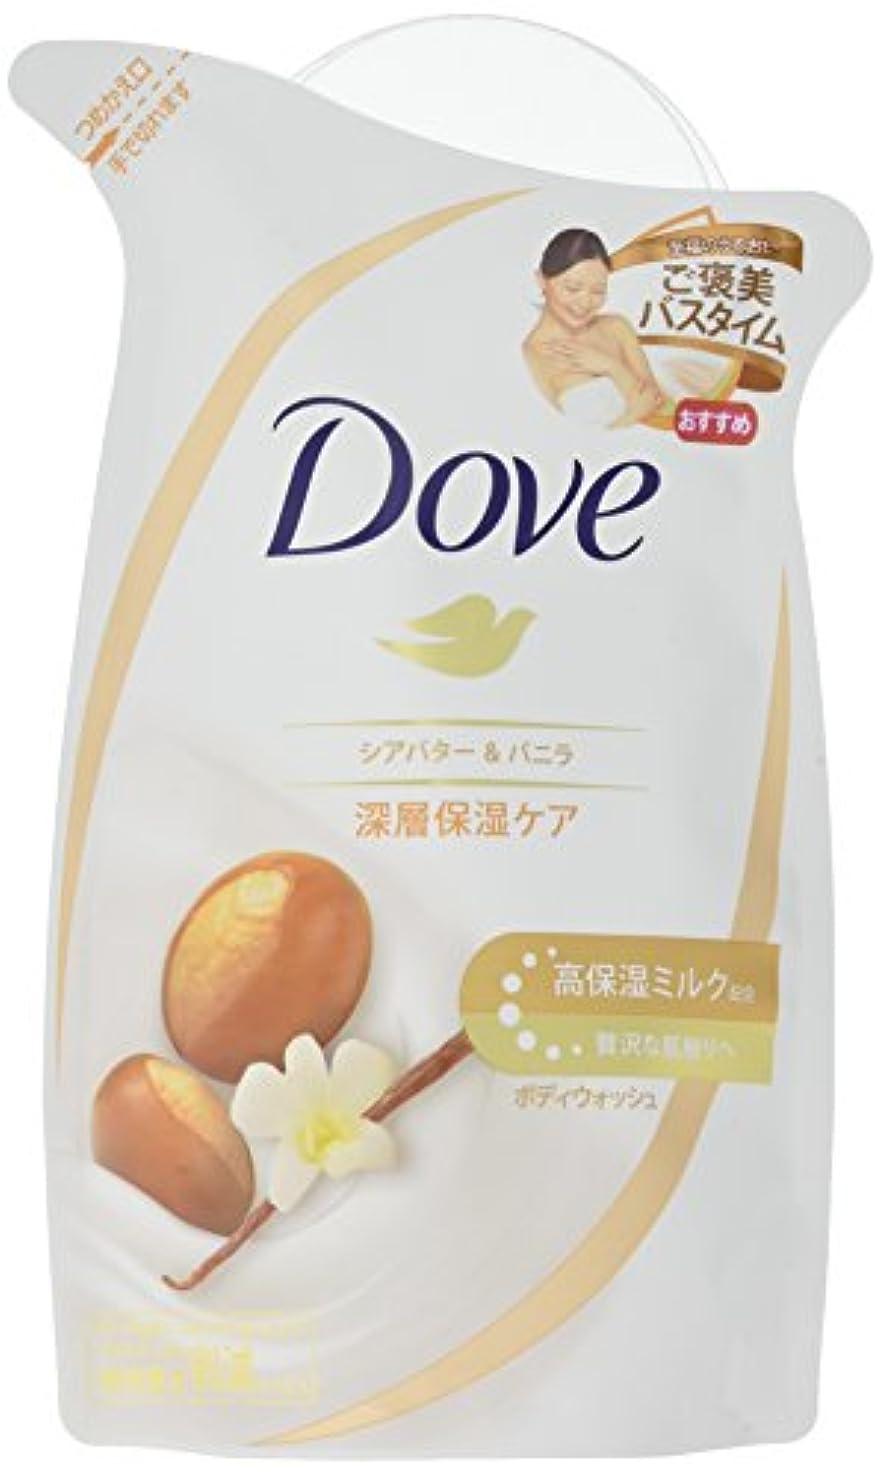 判定カーフ未接続Dove ダヴ ボディウォッシュ シアバター & バニラ つめかえ用 340g×4個